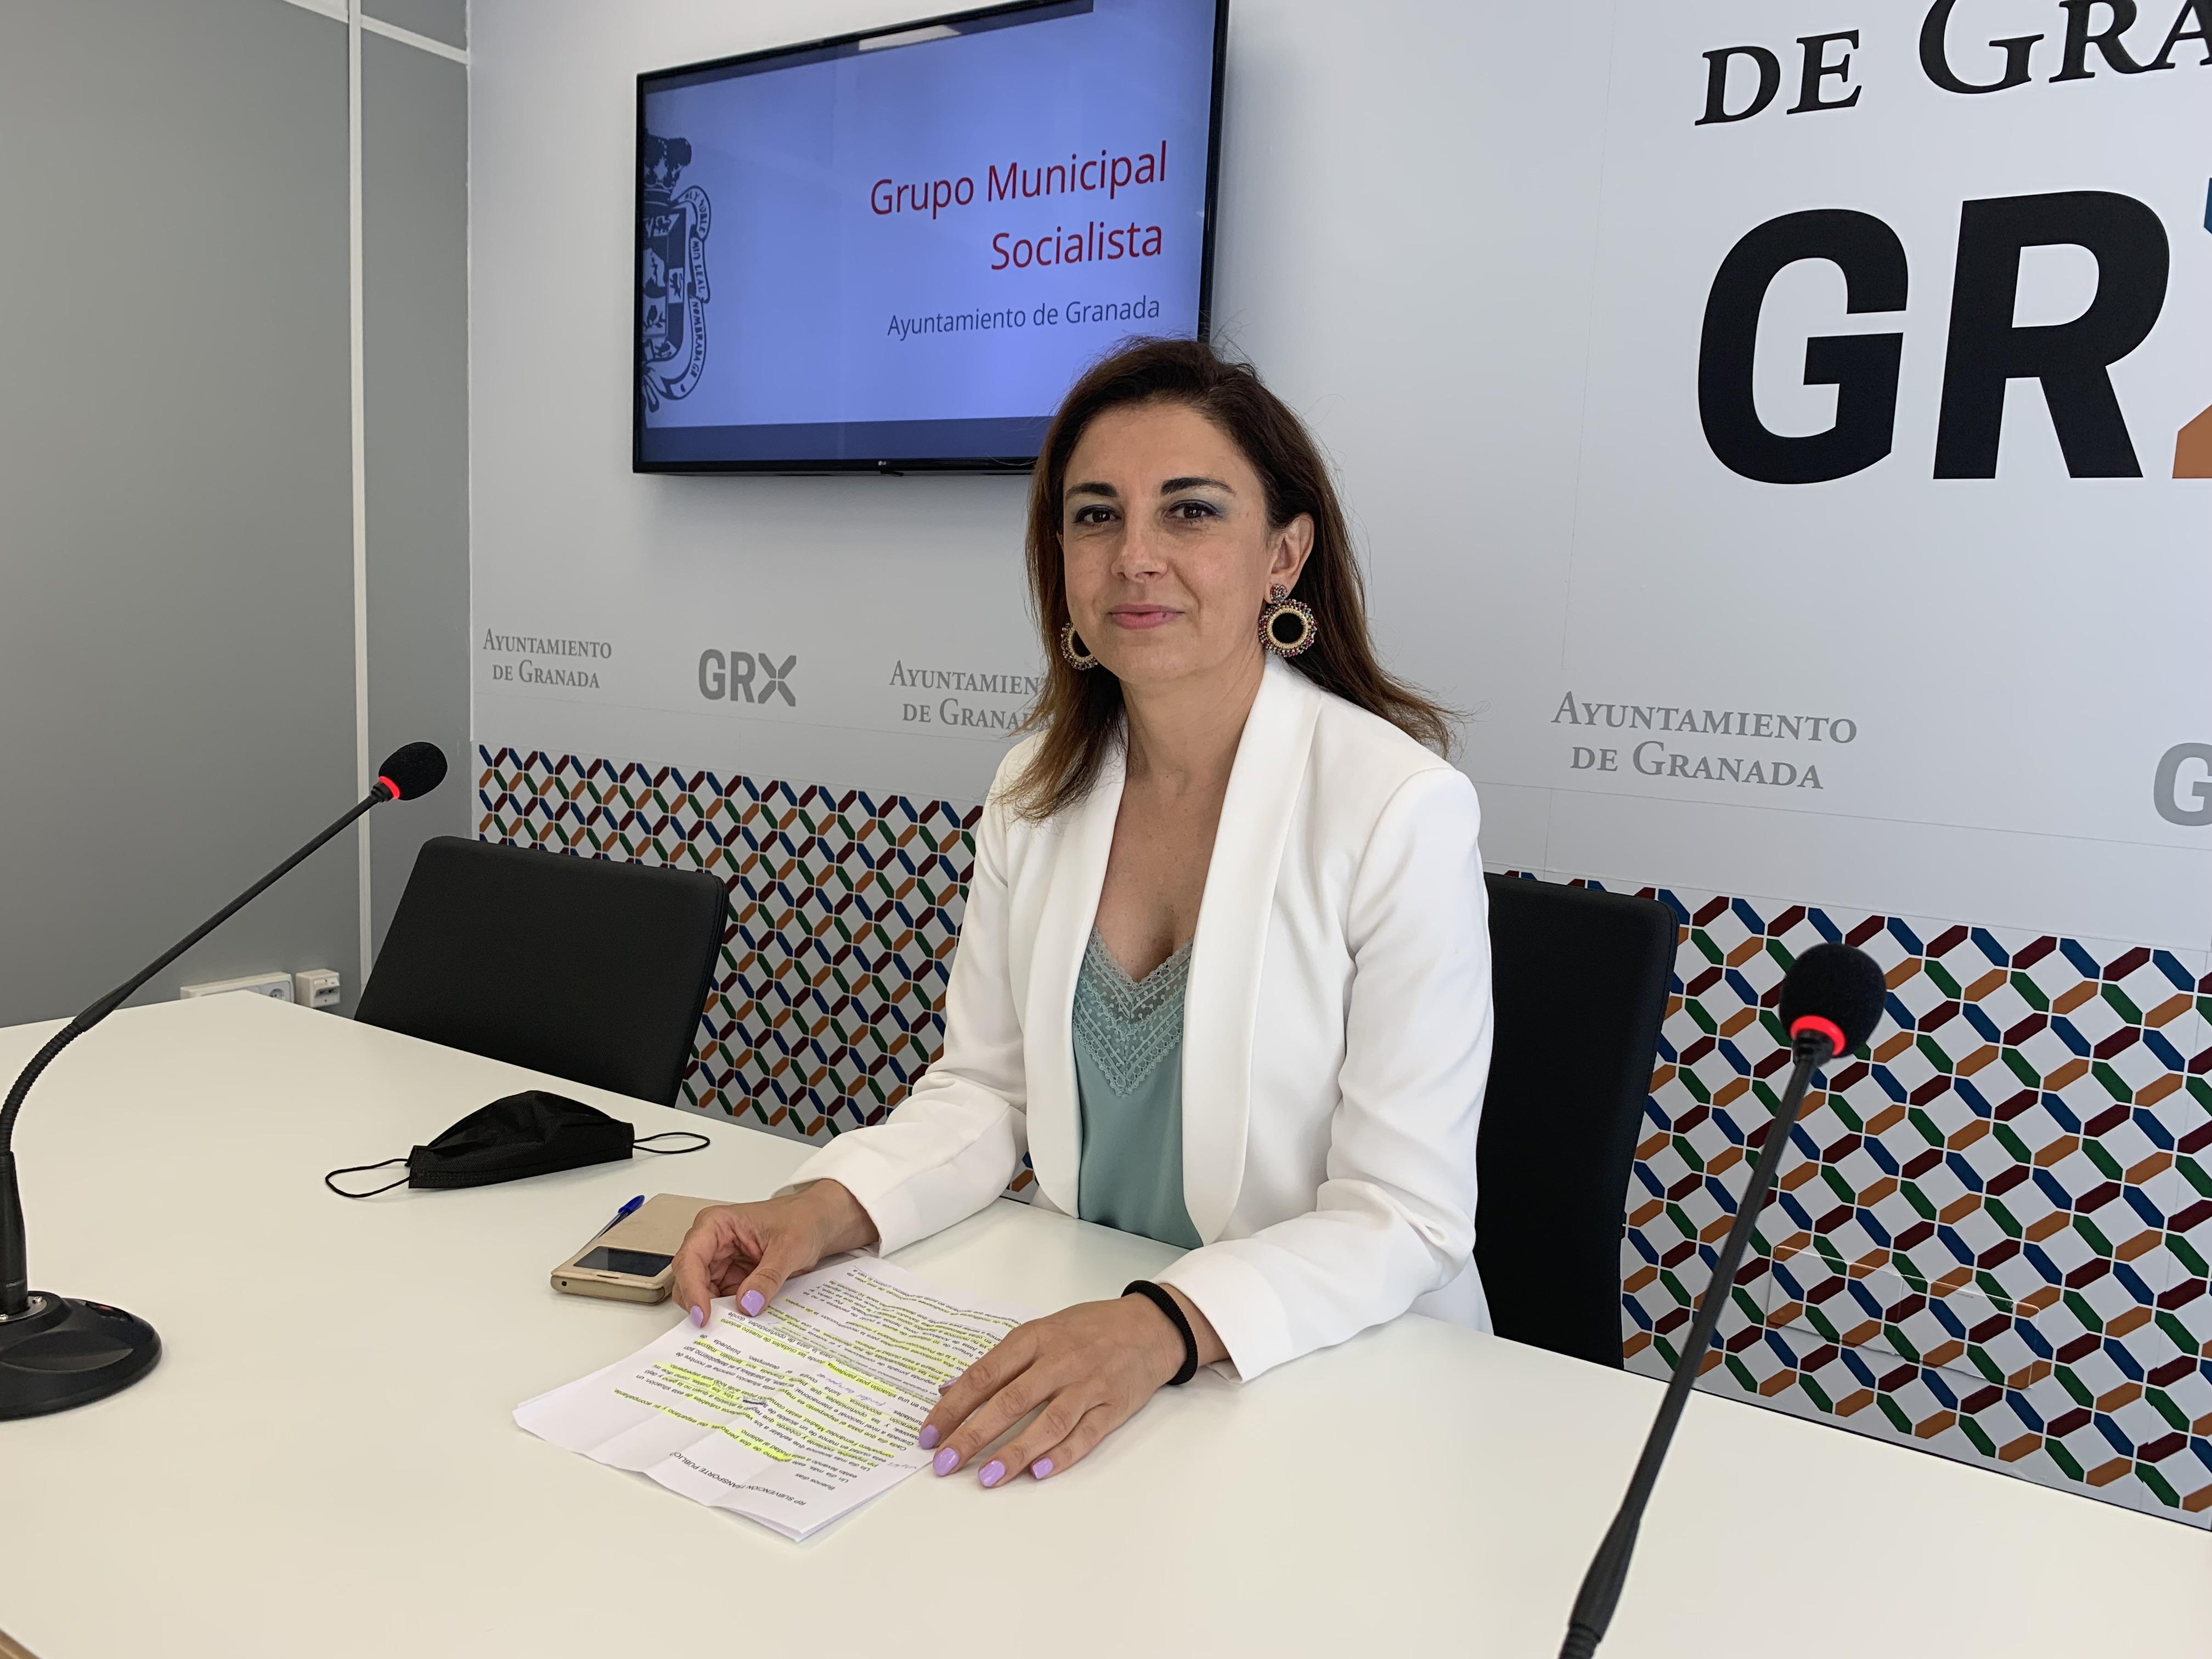 El PSOE teme que Granada pierda una subvención para el transporte público por la inestabilidad política